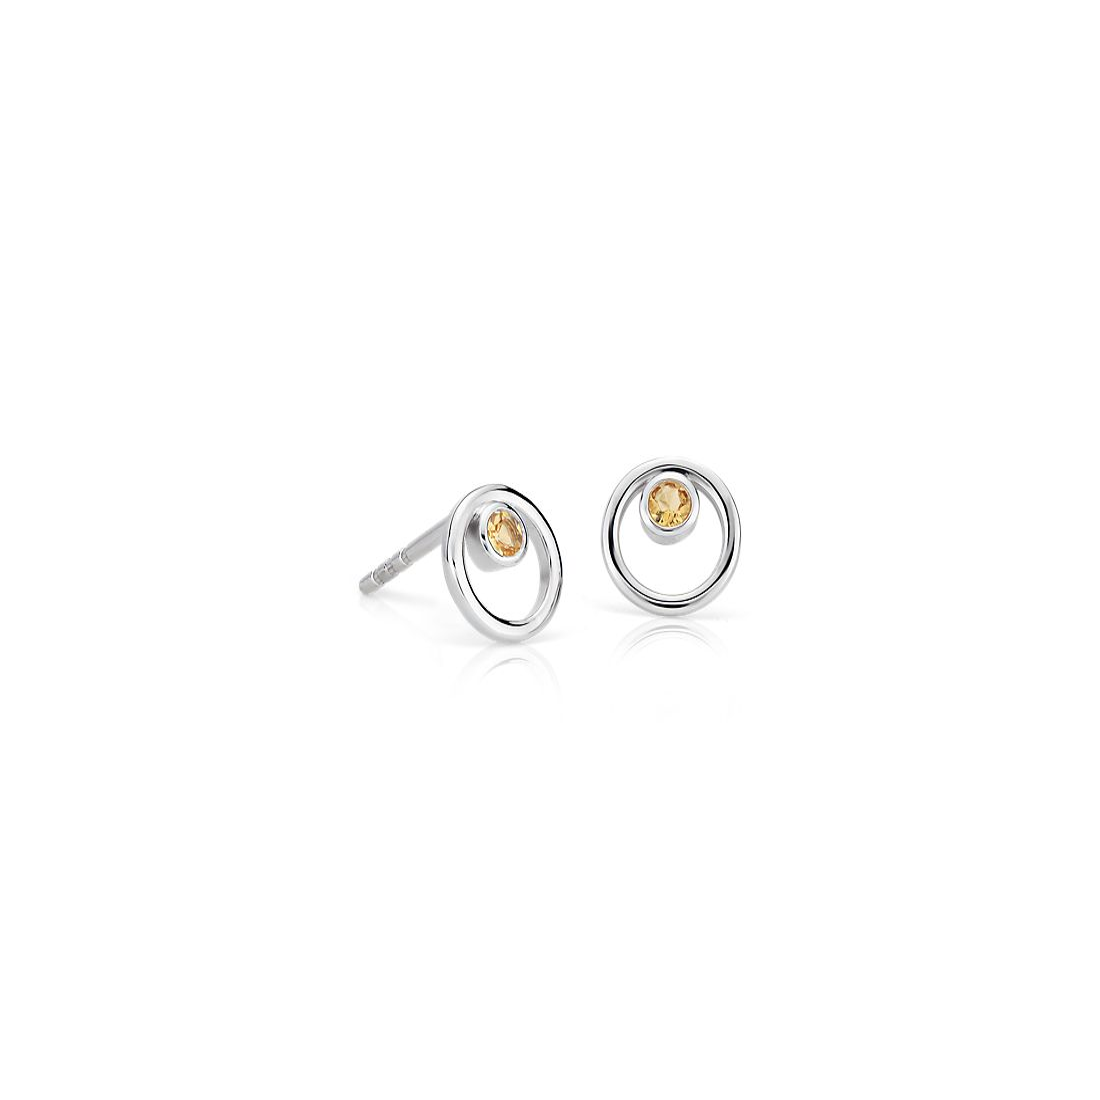 14k 白金小巧空心圓圈黃水晶誕生石耳環(2毫米)